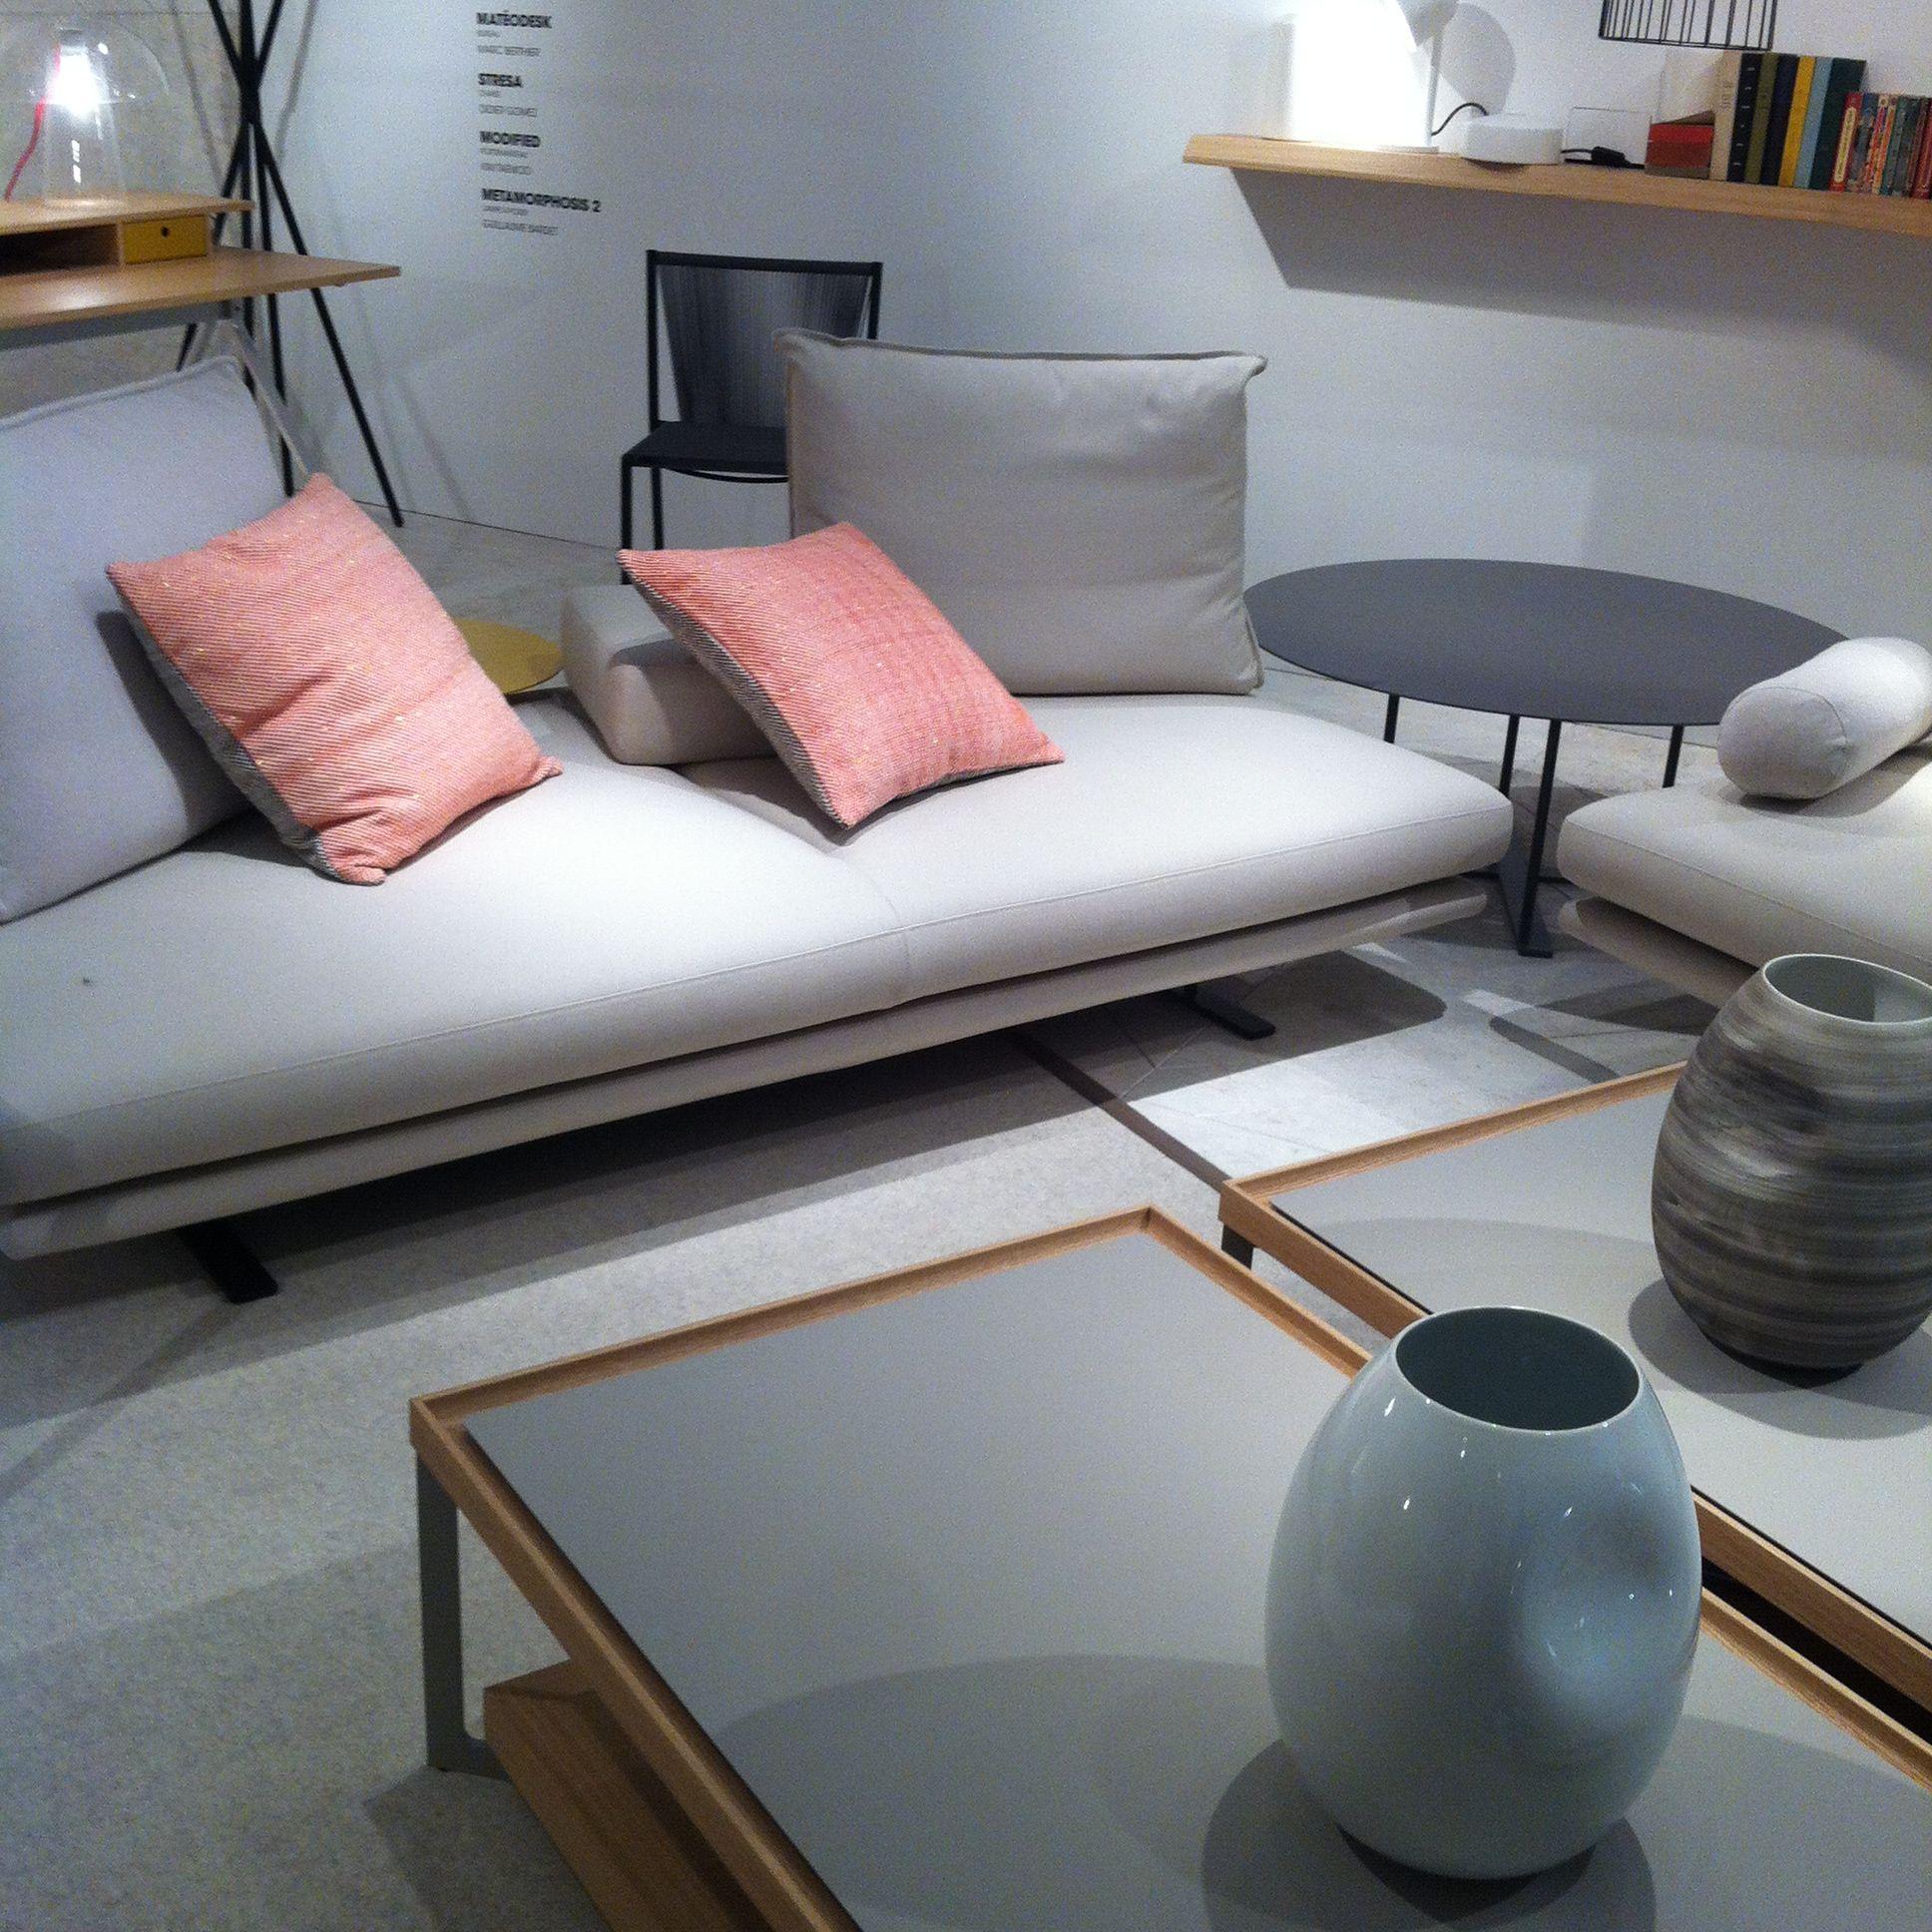 Cinna Canape Prado Et Ses Dossiers Coussins Modulables Mo14 Cinna Sofa Canape Pillow Coussins Deco Interior Design Interior Home